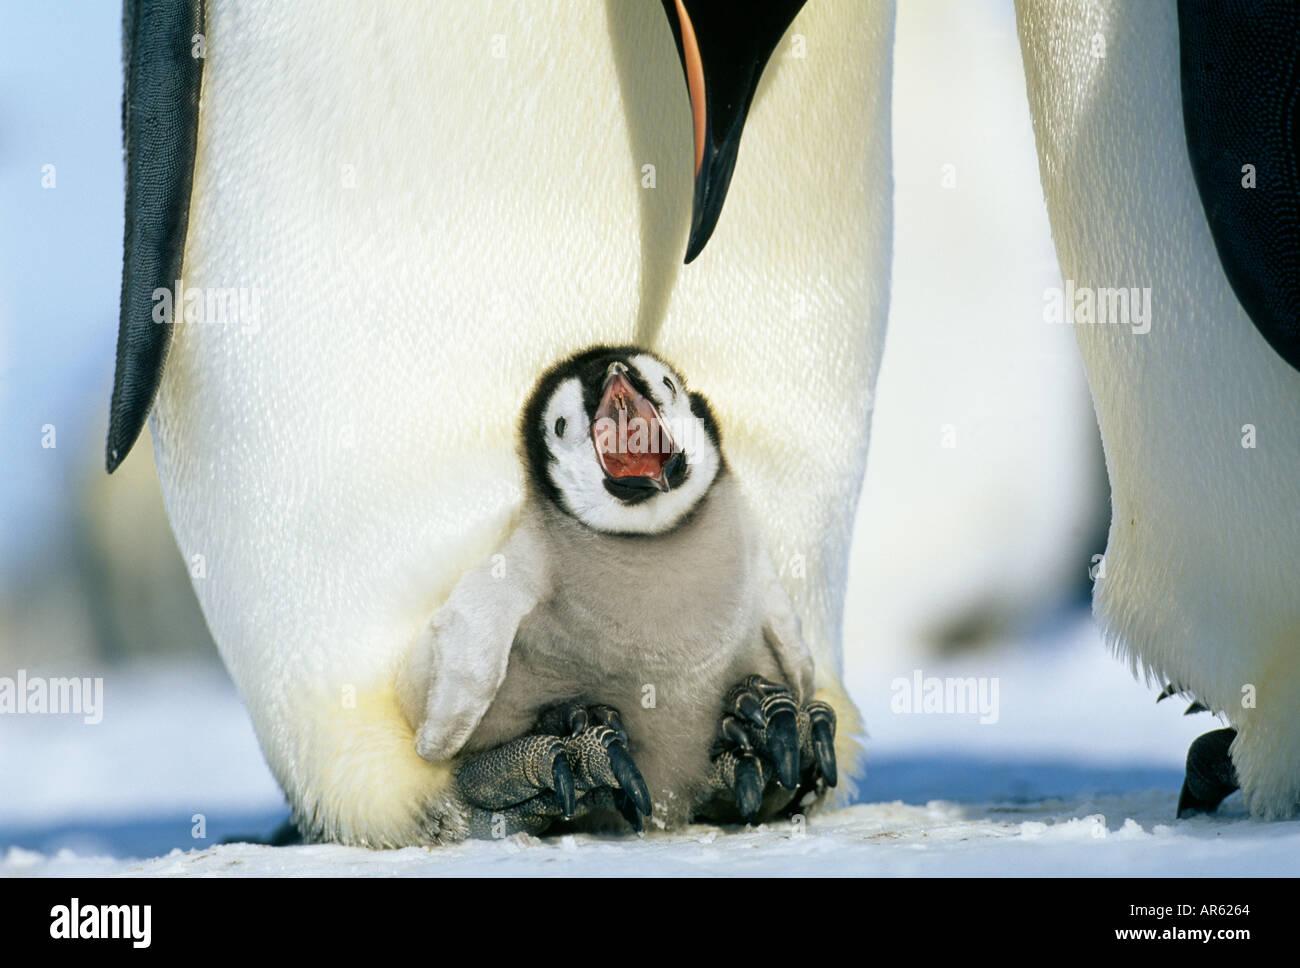 Pinguino imperatore aptenodytes fosteri chick Elemosinare il cibo pur essendo couvée sulle madri piedi mare di Weddell antartide di novembre Immagini Stock